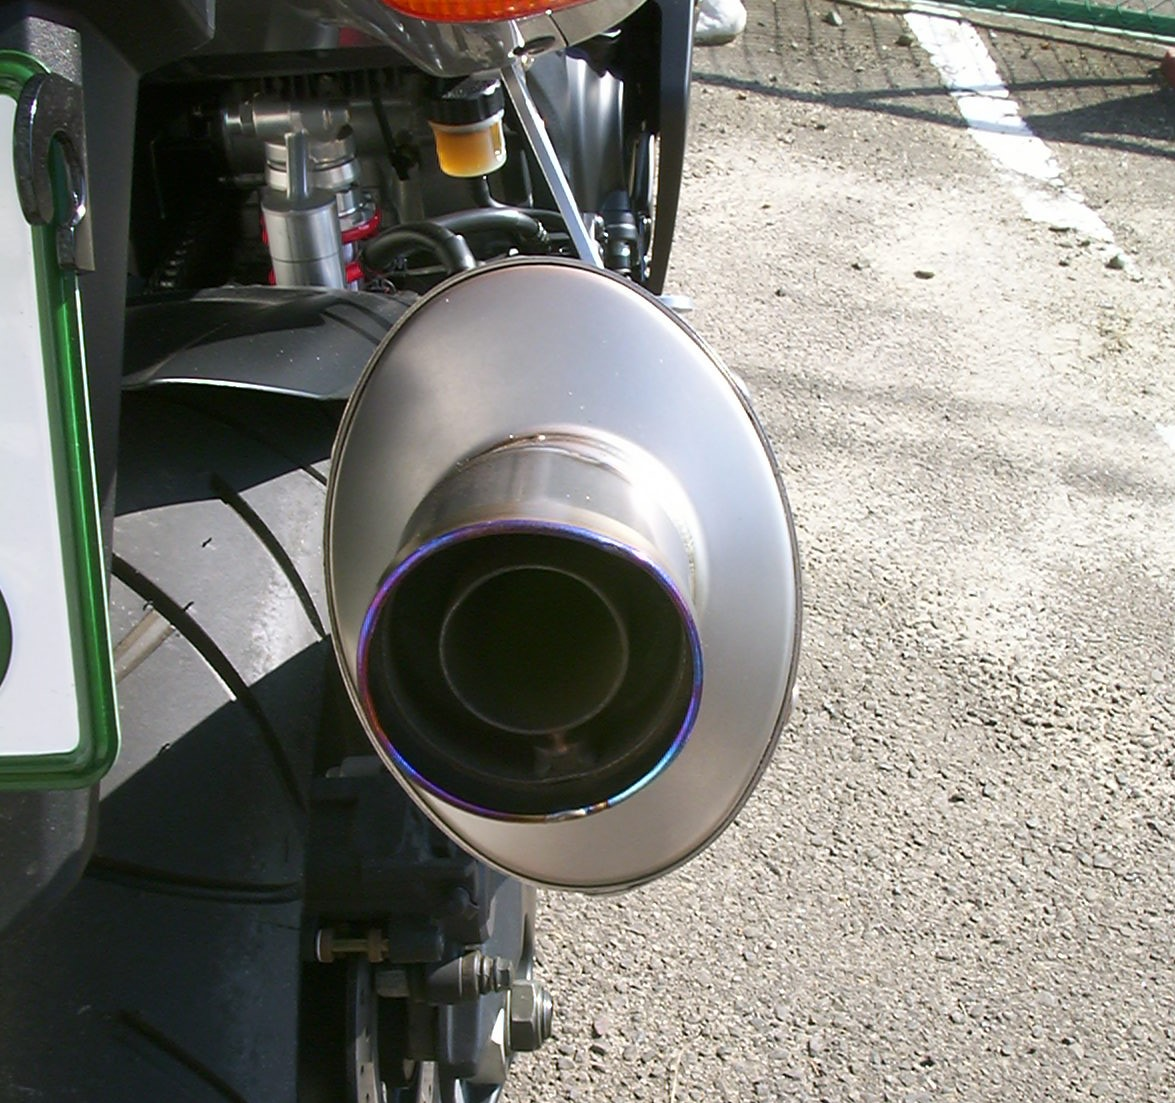 f:id:motokg:20200407173506j:plain